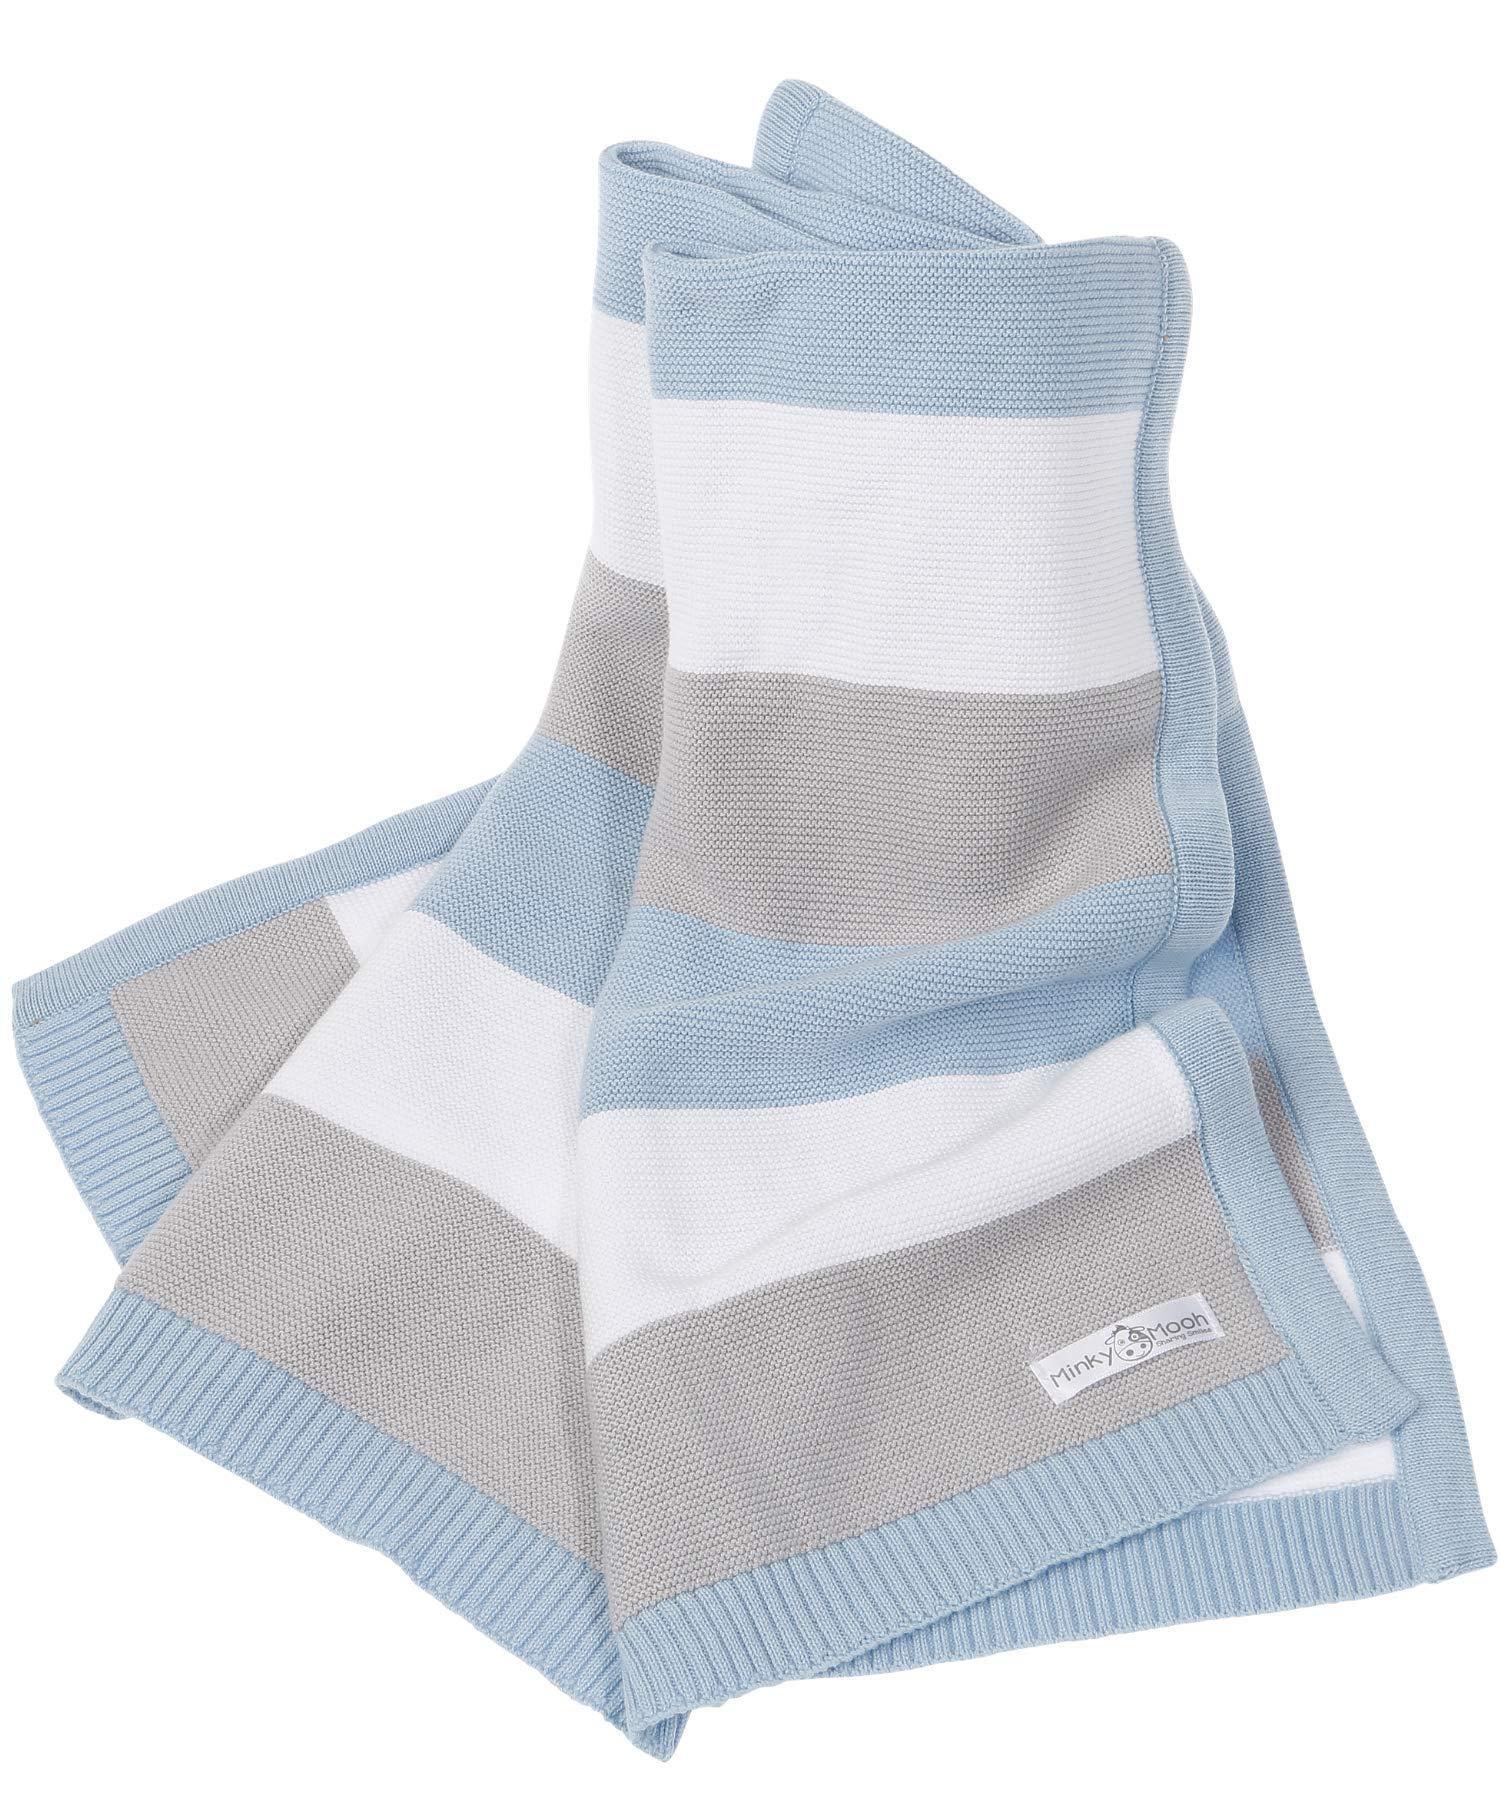 3650beb006 Babydecke aus 100% Bio Baumwolle - kuschelige Strickdecke ideal als Baby  Decke, Erstlingsdecke,